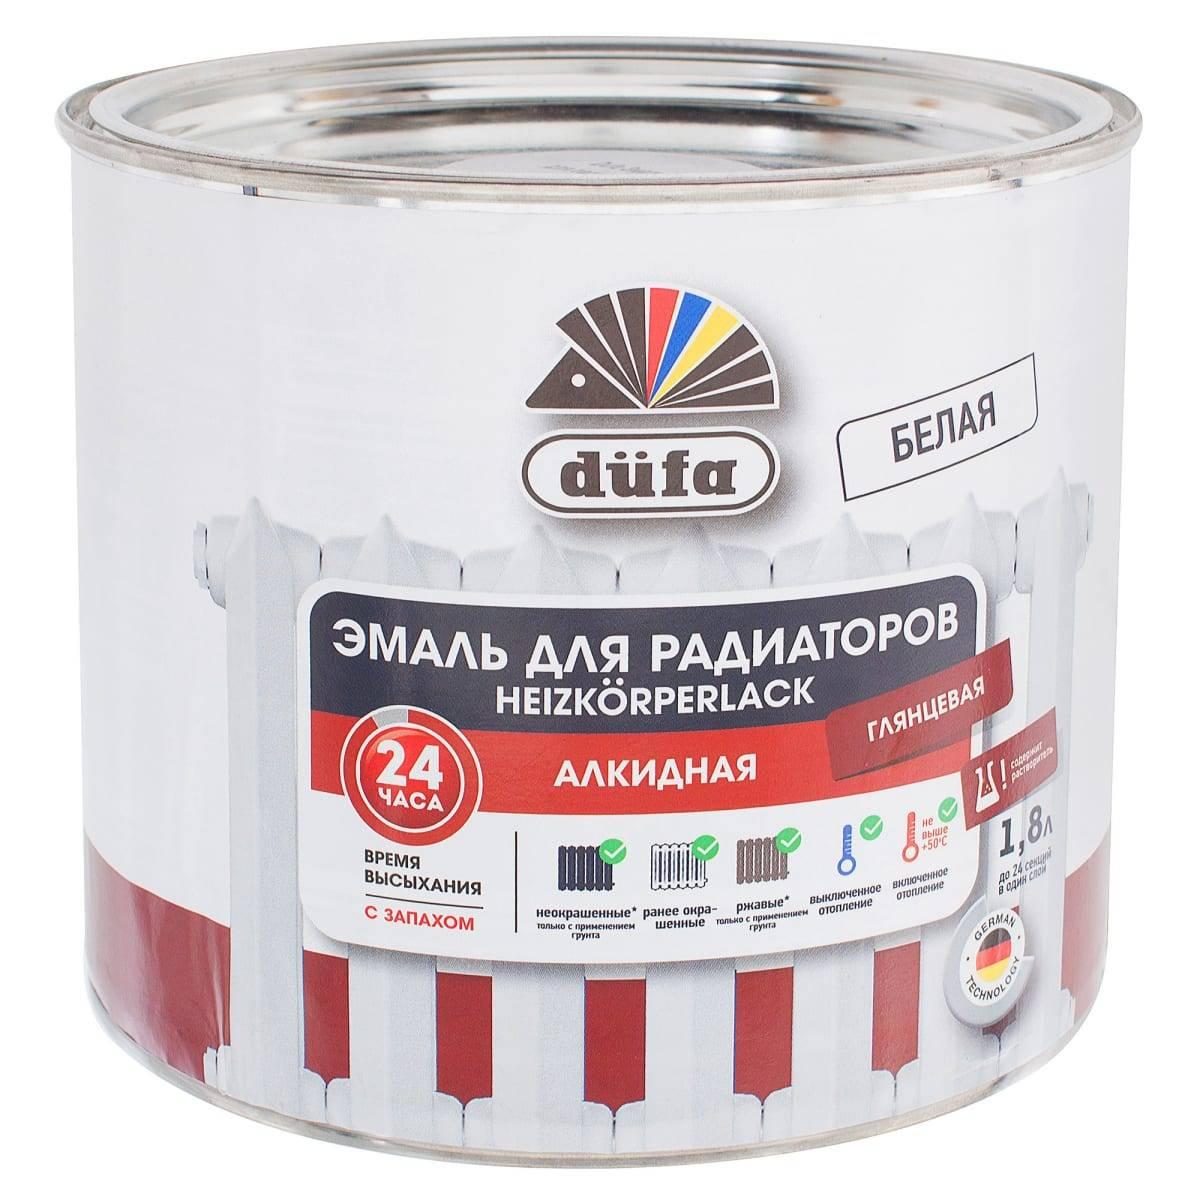 Какой краской красить батареи отопления